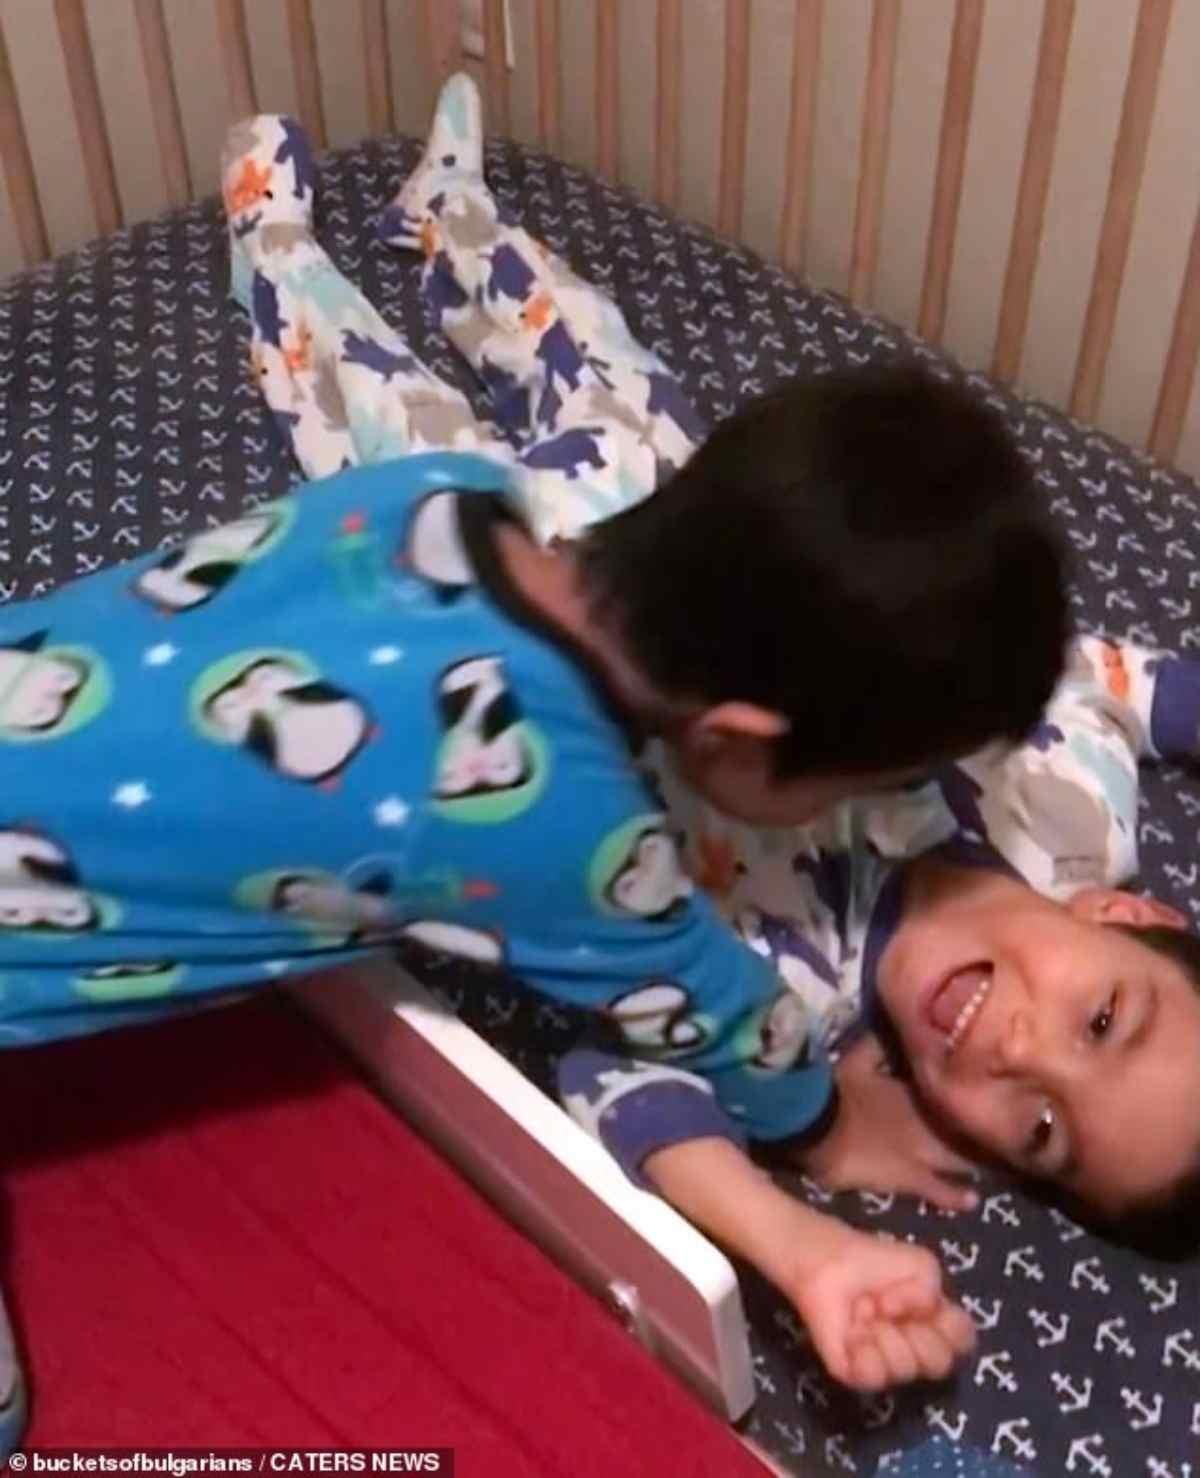 bambino sindrome down aiuta fratellini 4